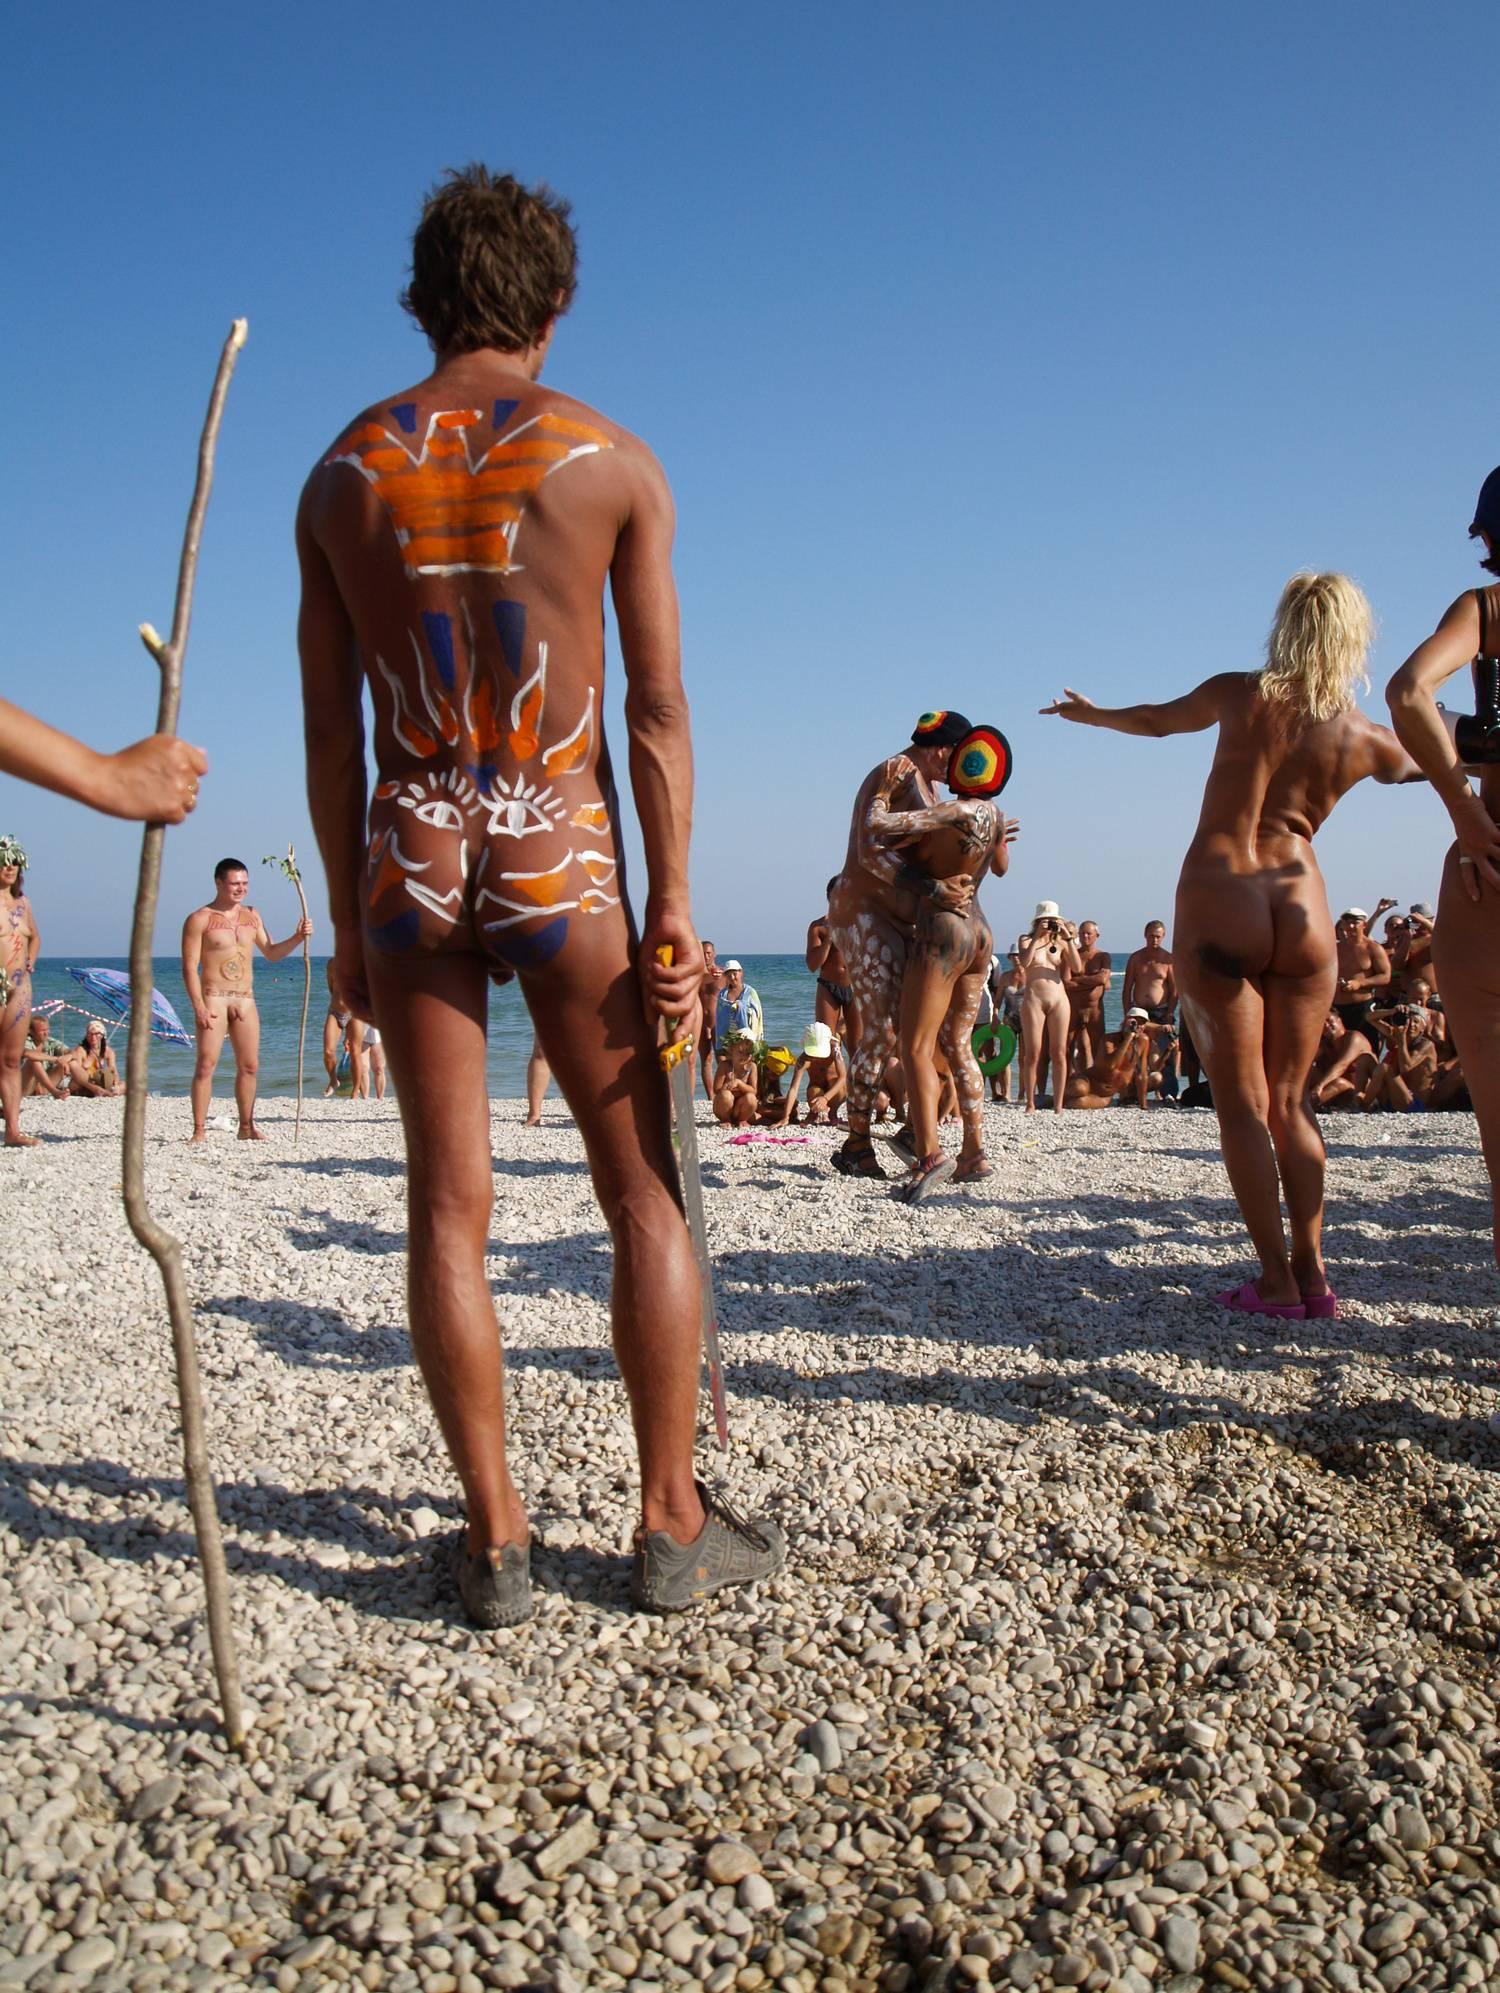 Nudist Event Host Dancing - 2